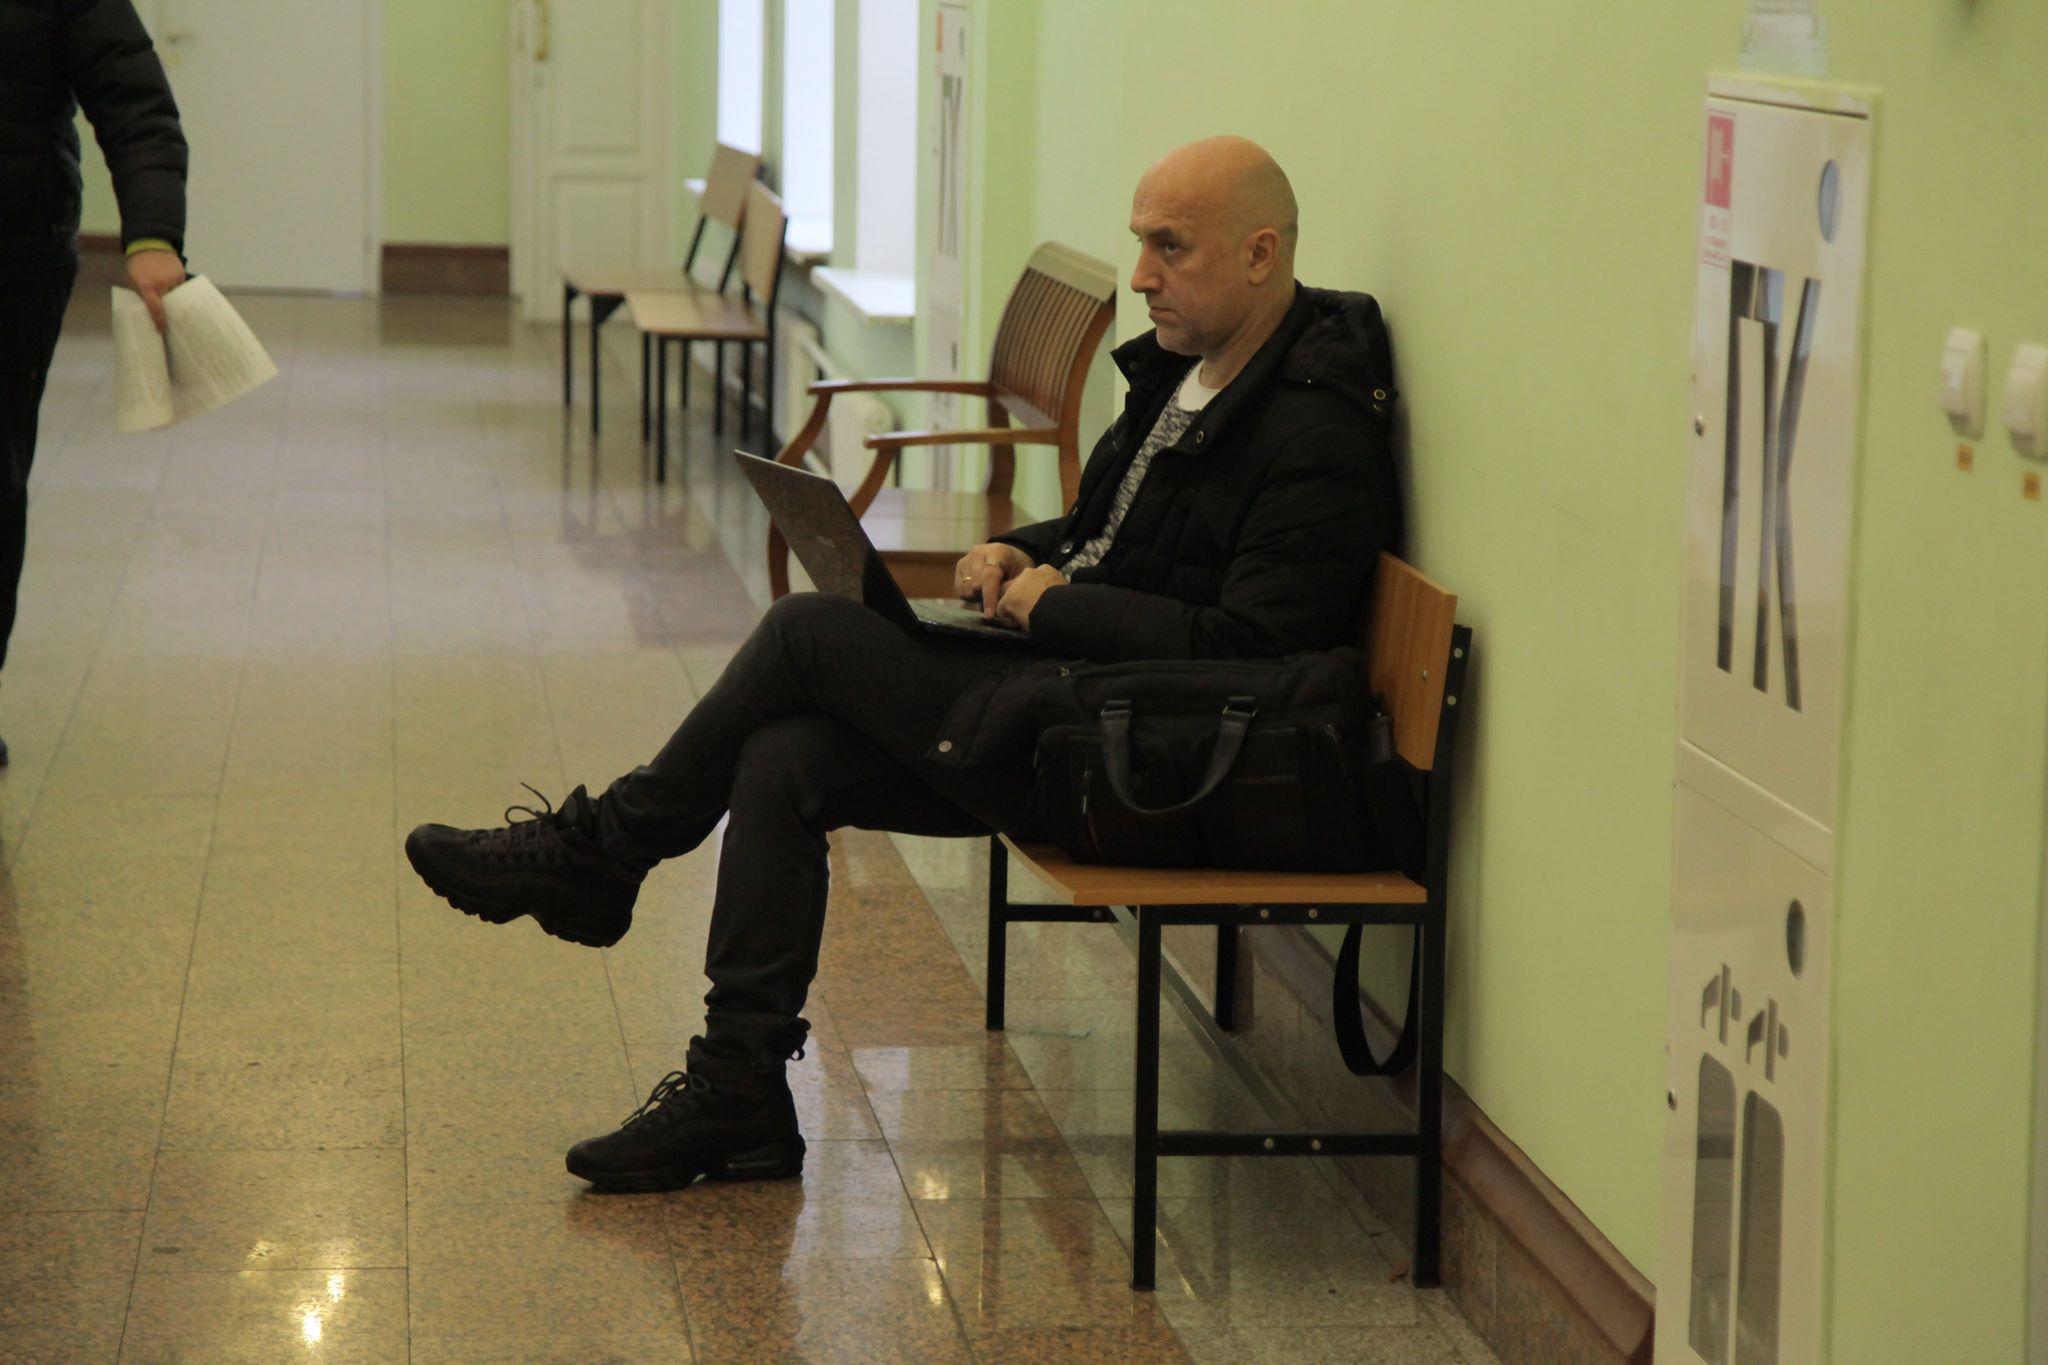 Прилепин полдня напрасно прождал в коридоре суда. Фото Андрея Абрамова